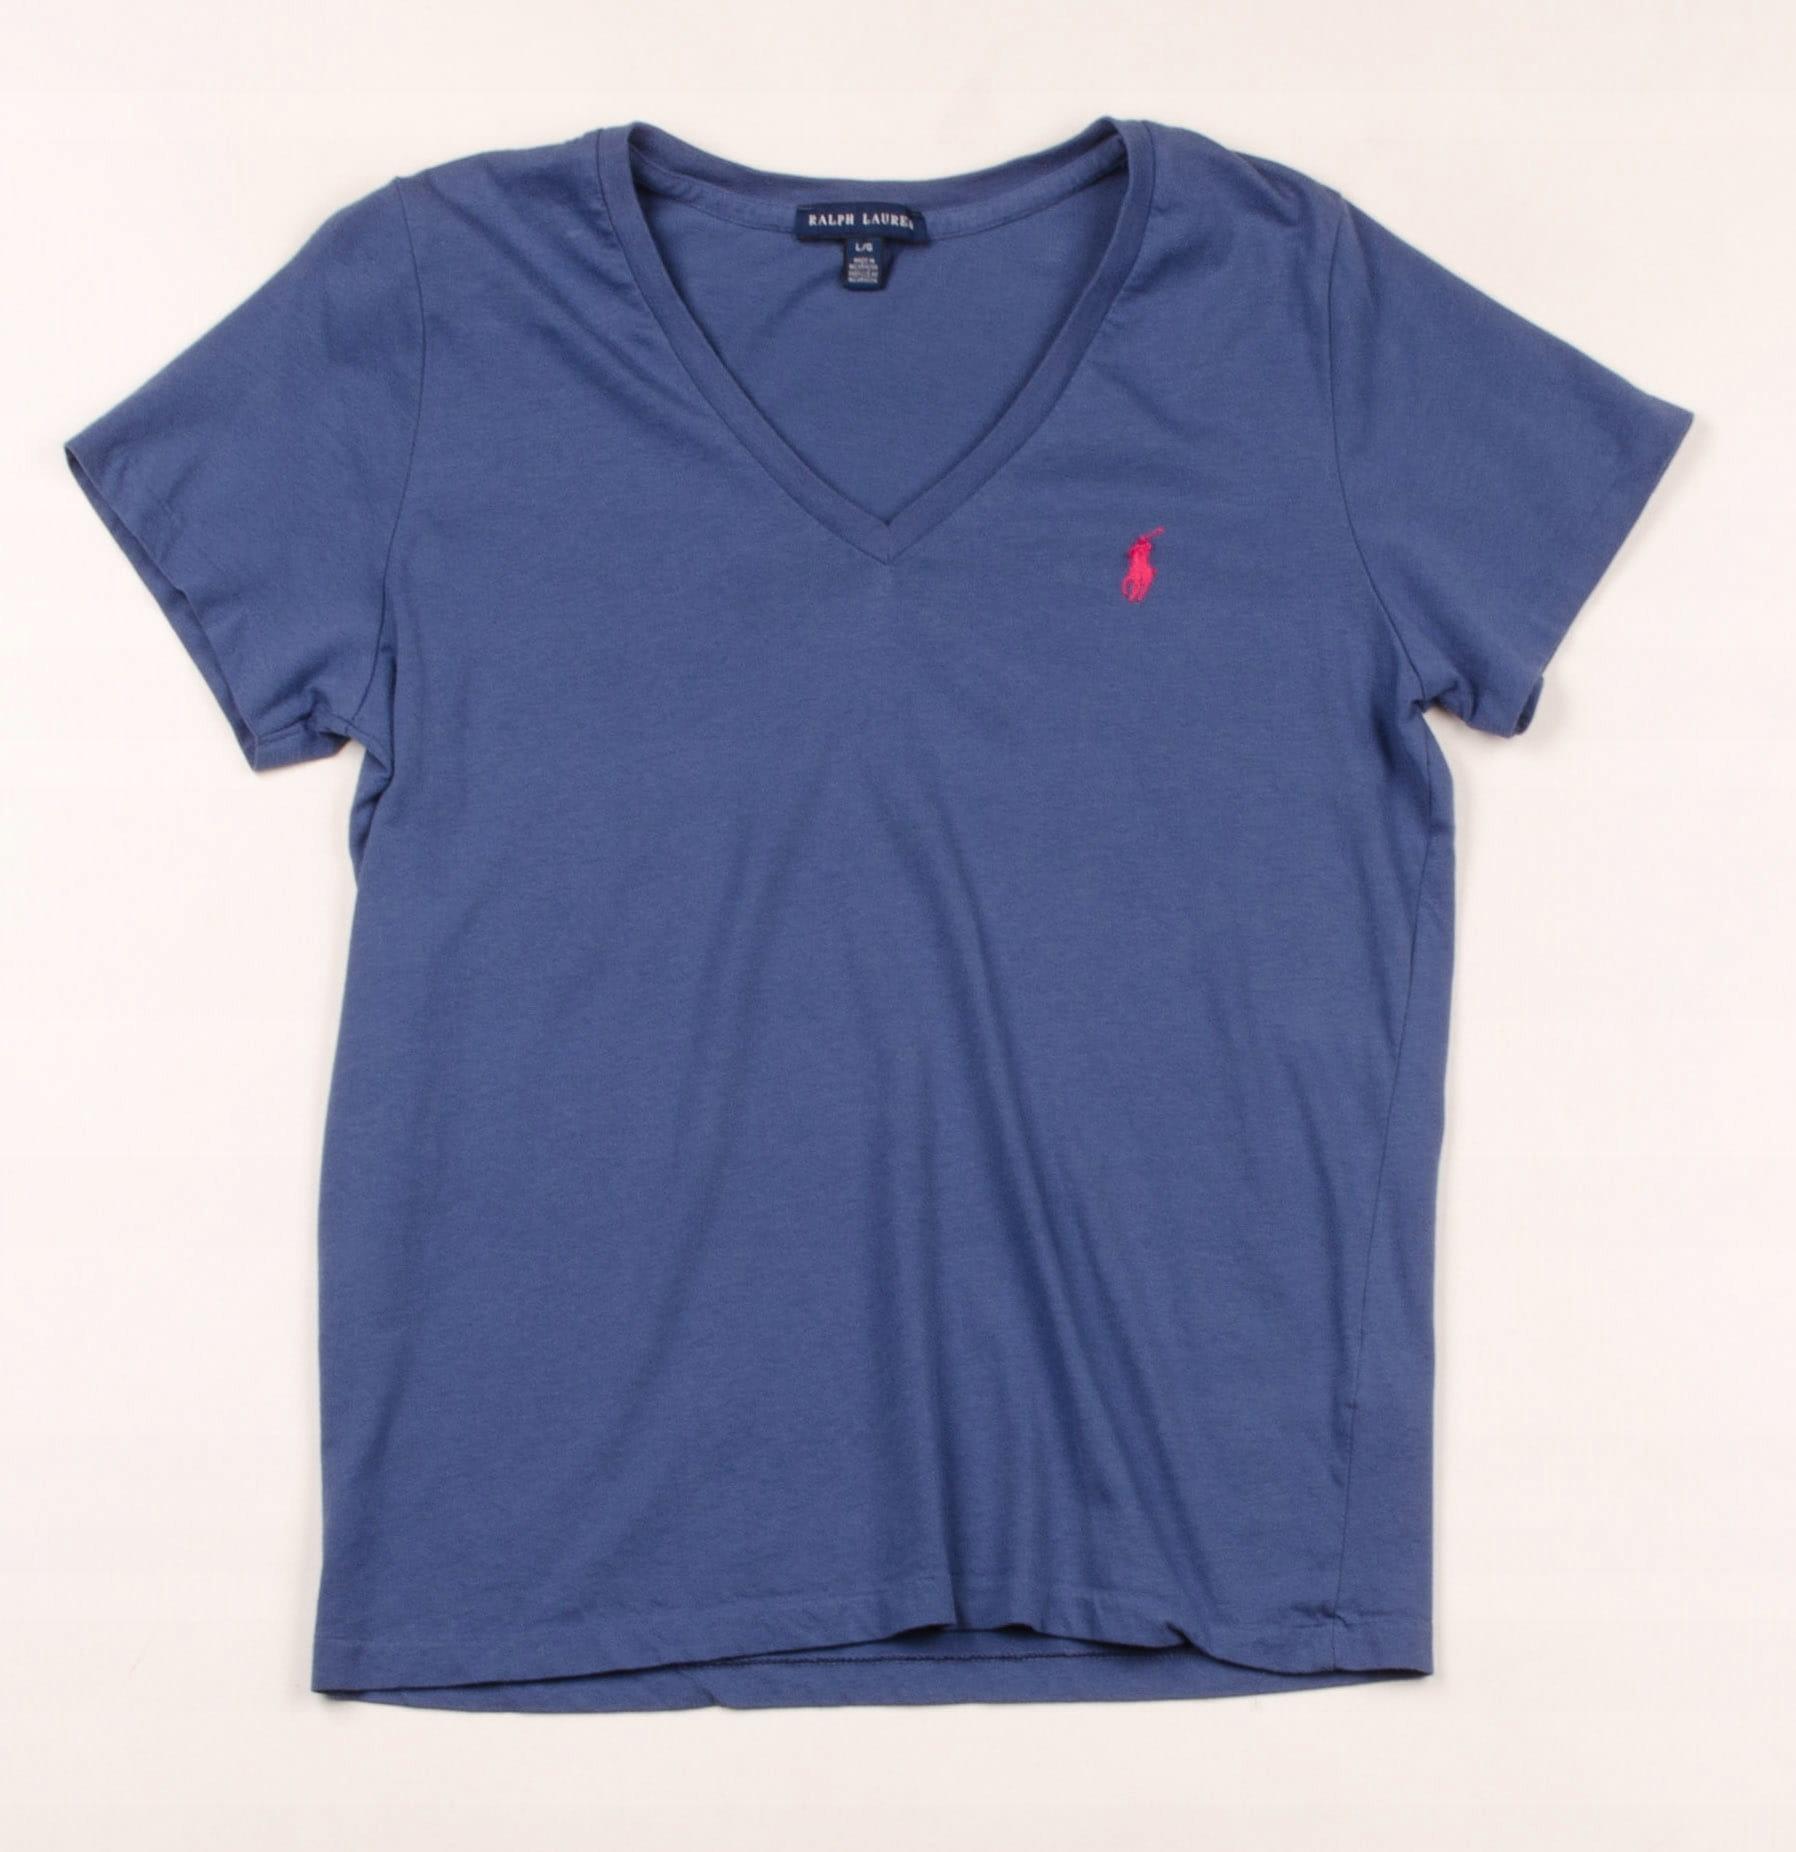 36082 Ralph Lauren T-shirt Koszulka Damska L